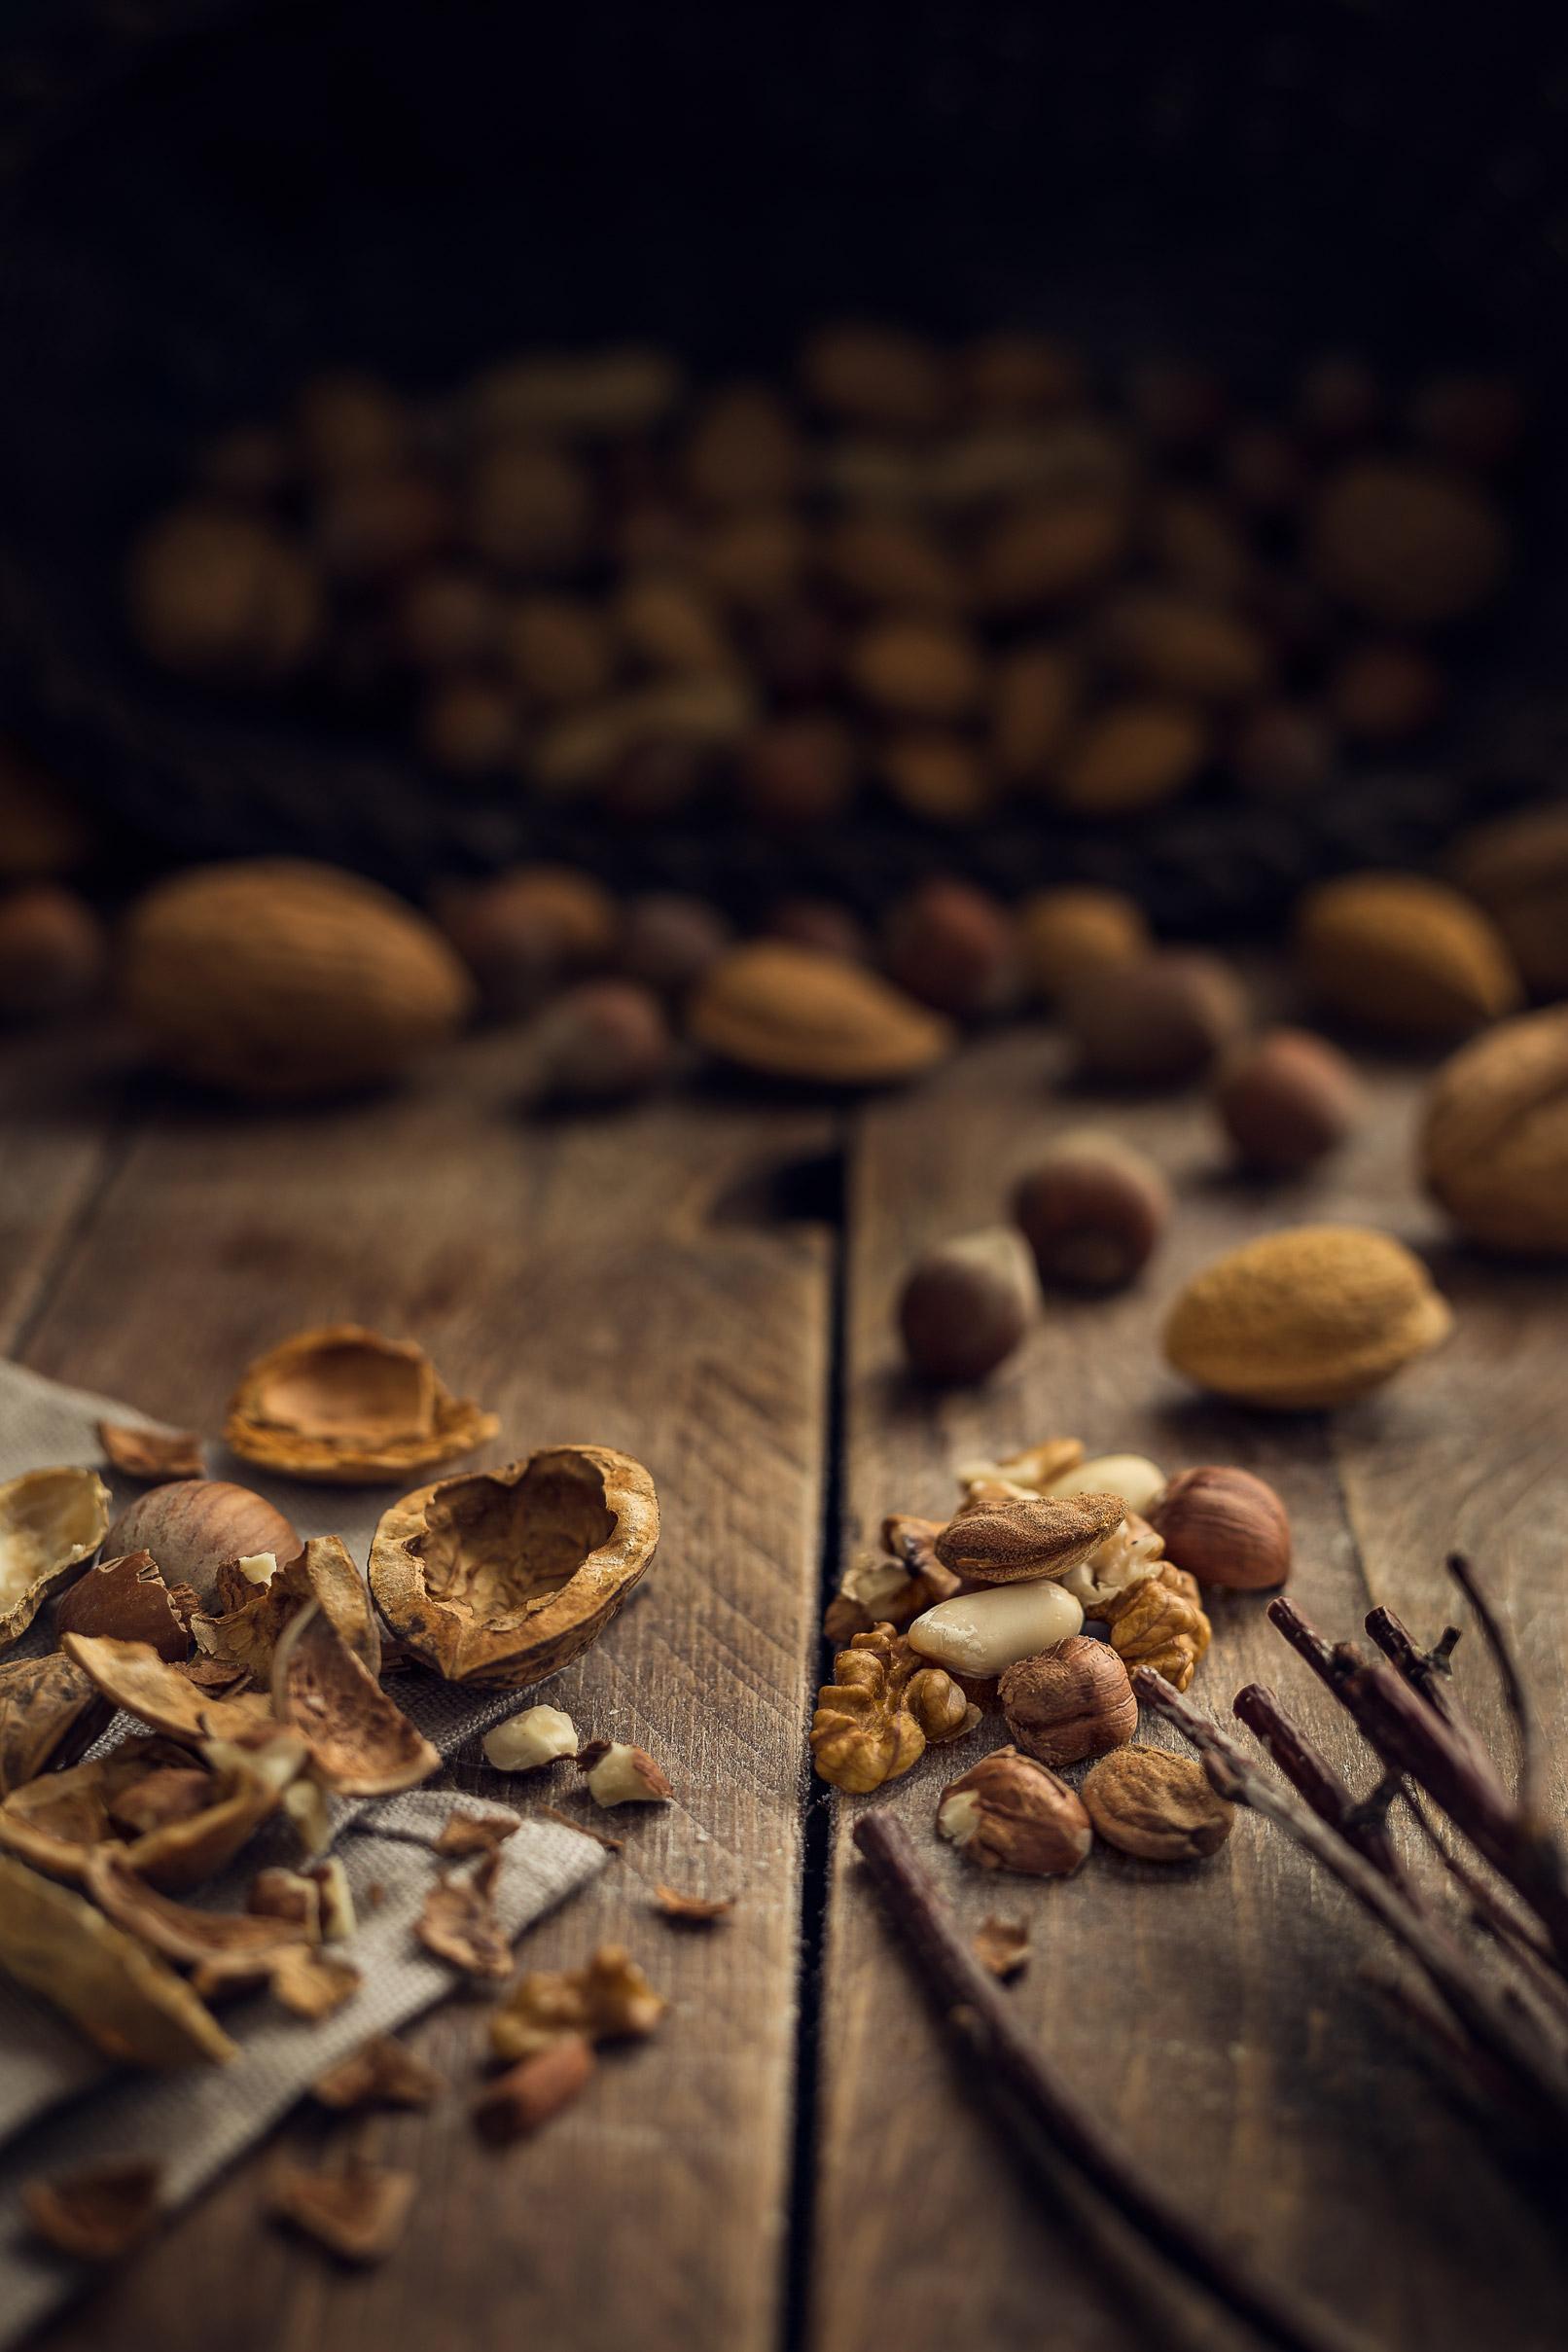 Nüsse und Nussschalen auf Holzbrettern